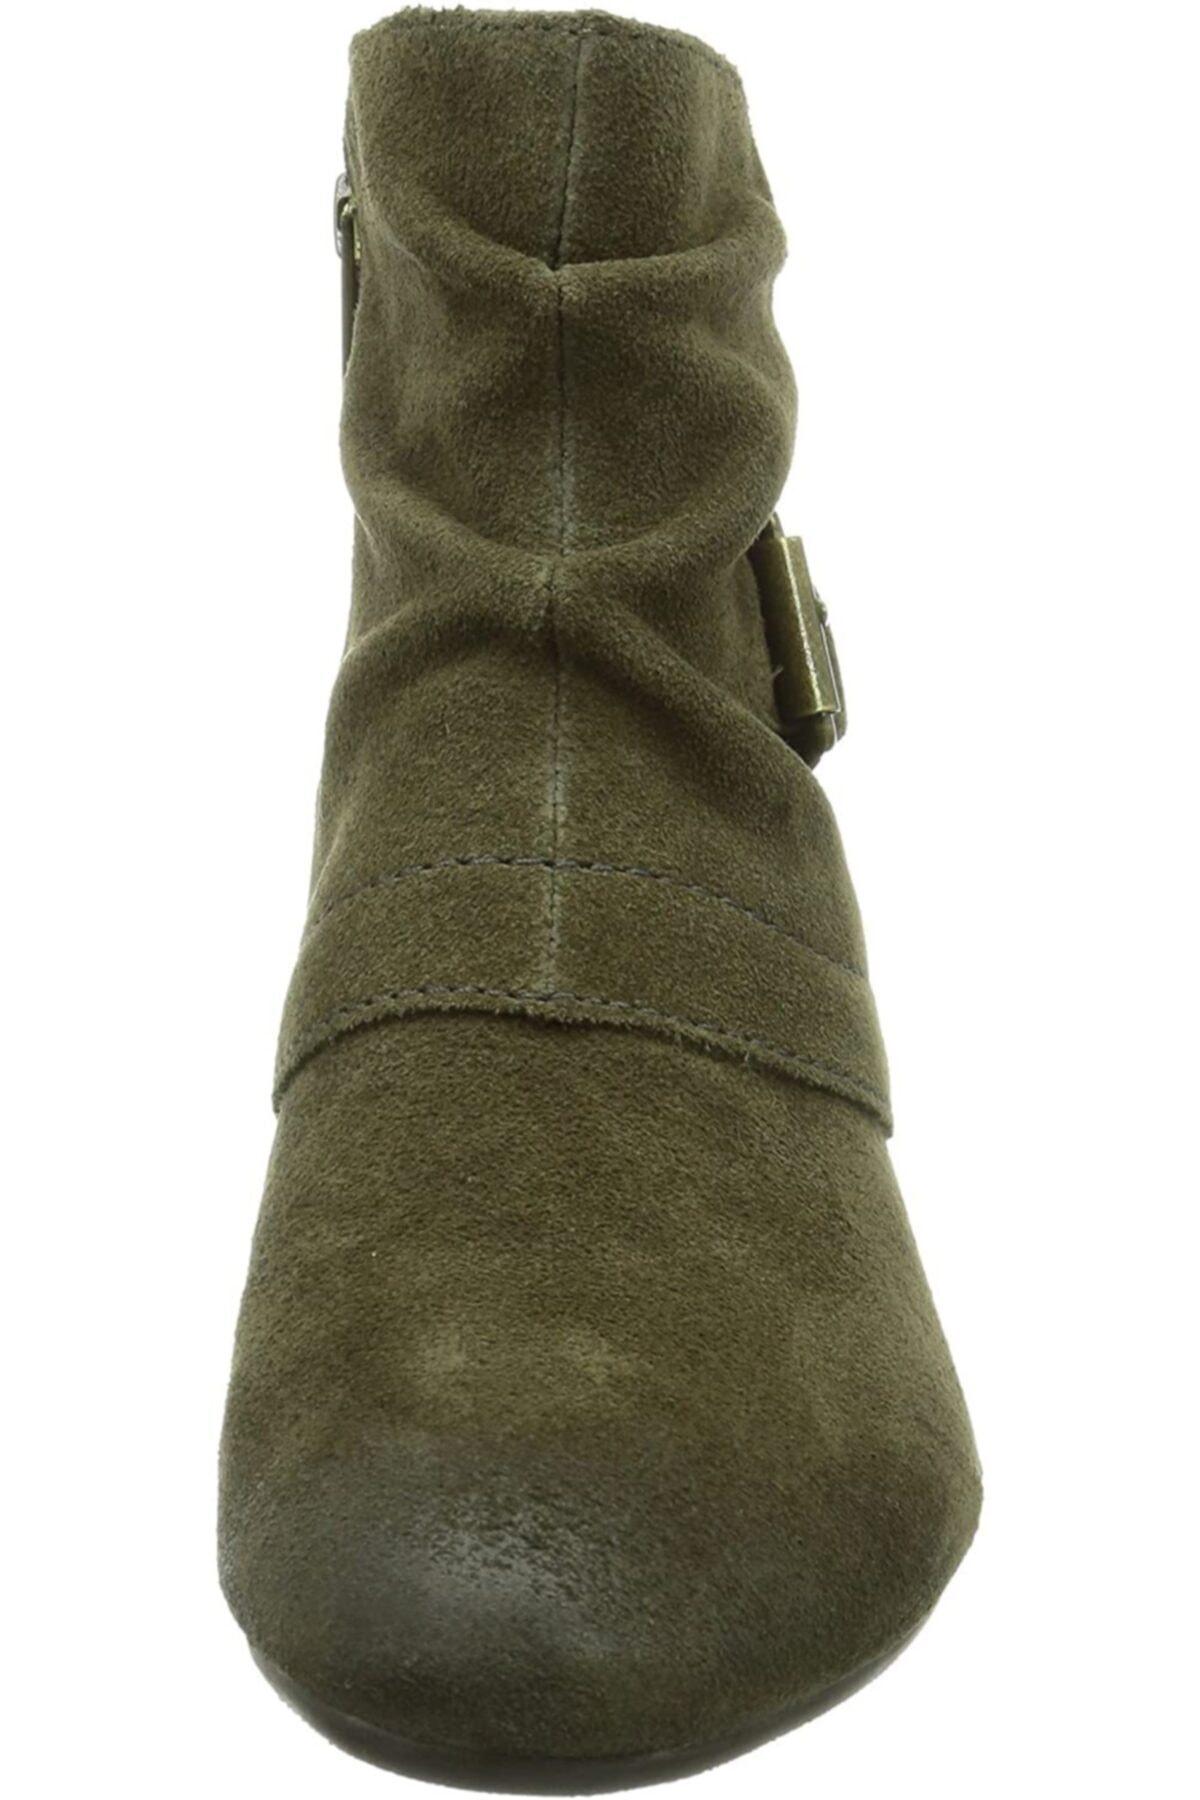 CLARKS Kadın Yeşil Bot Sırçalı Yağlı Nubuk Cowboy Boots Melani Jude 2